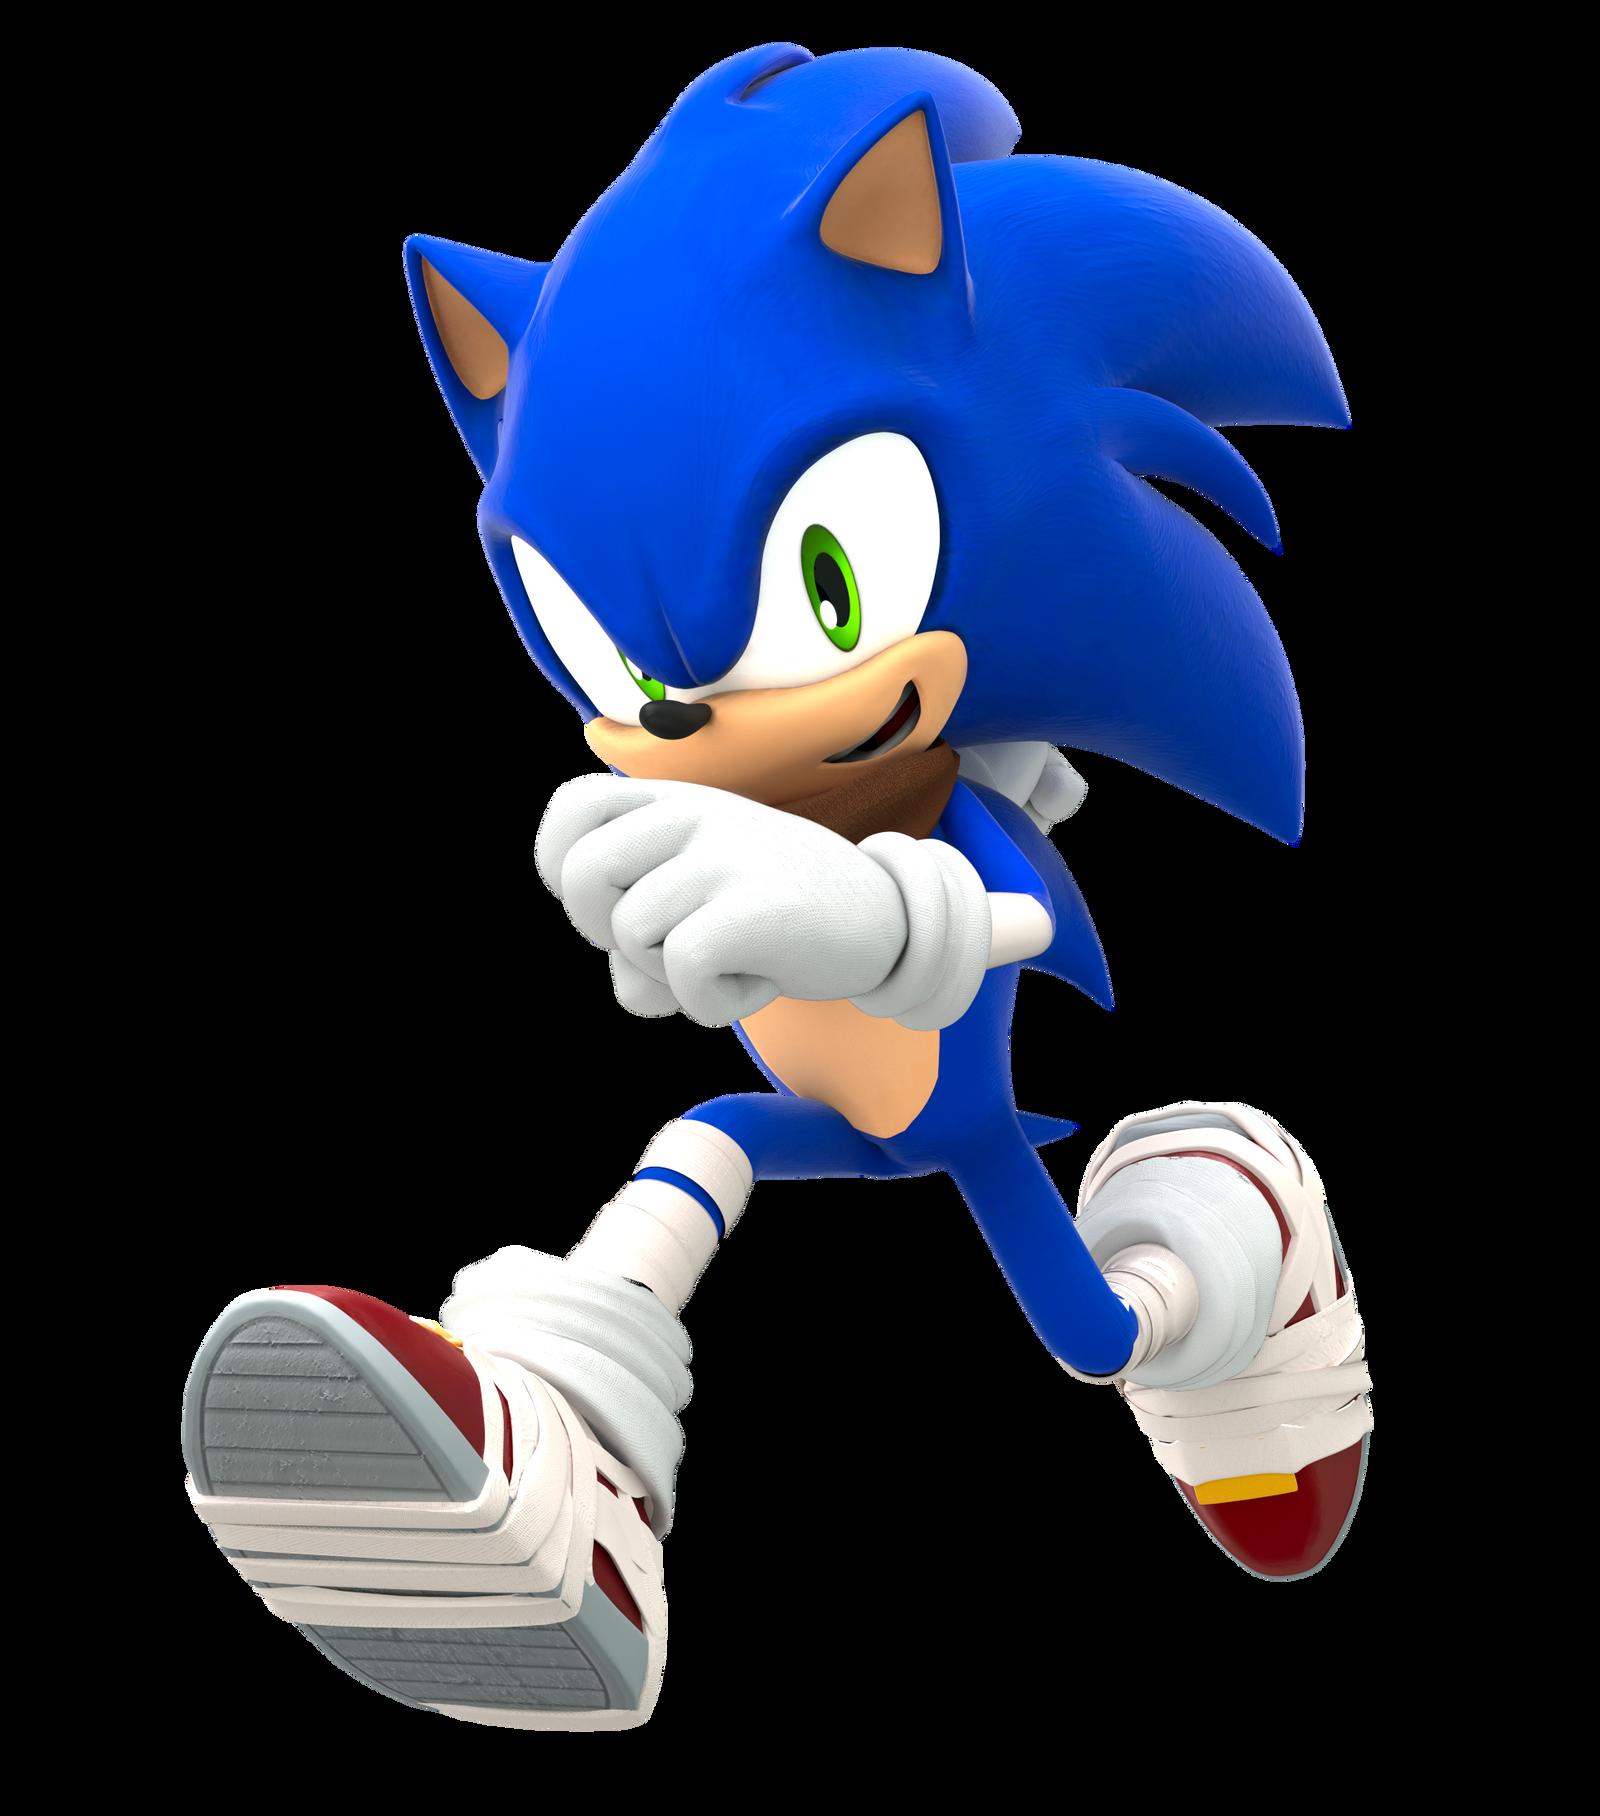 Sonic Boom Running Pose (Upgraded) by FinnAkira on DeviantArt